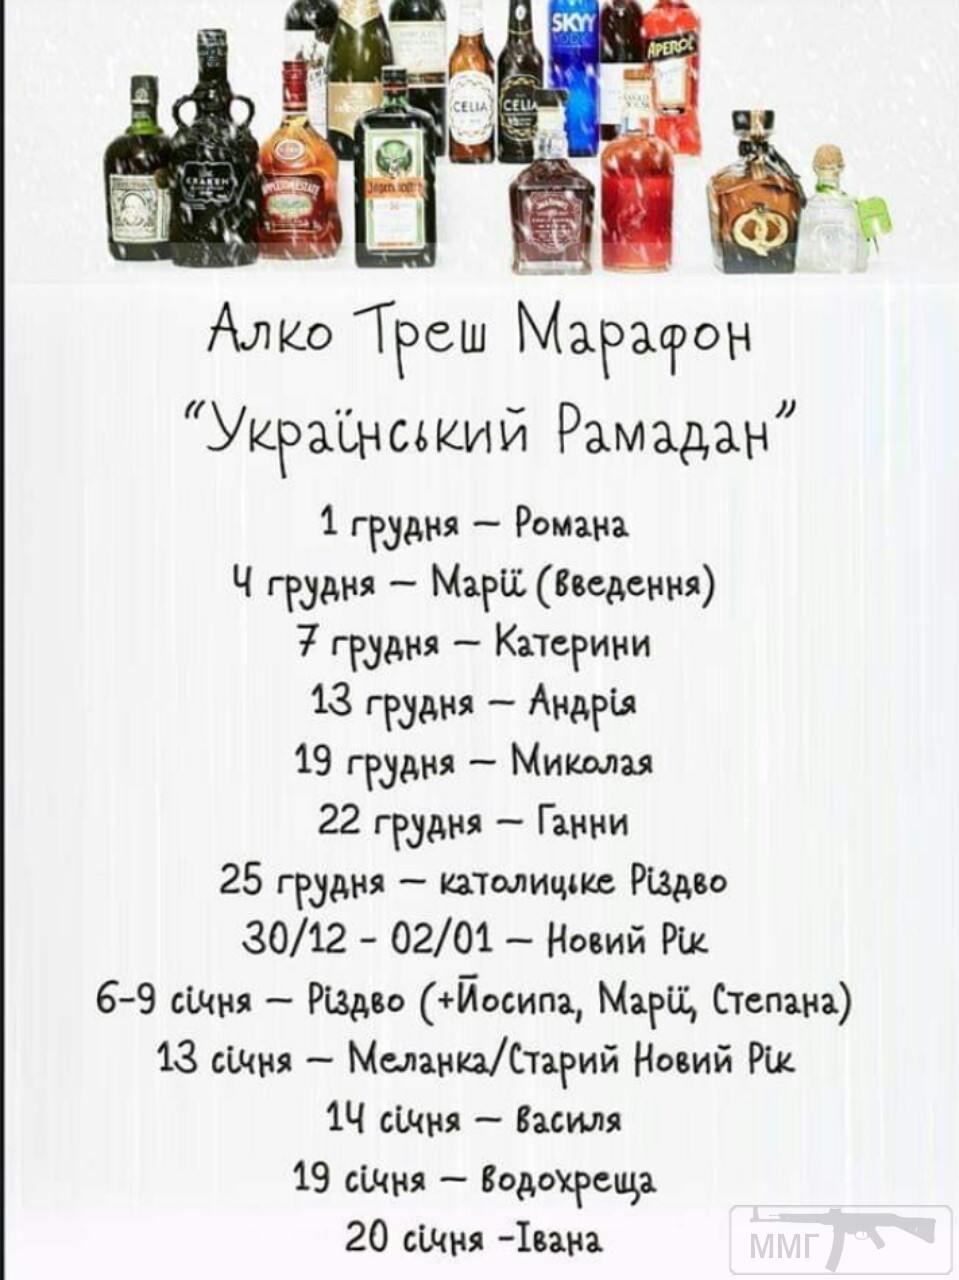 40292 - Пить или не пить? - пятничная алкогольная тема )))